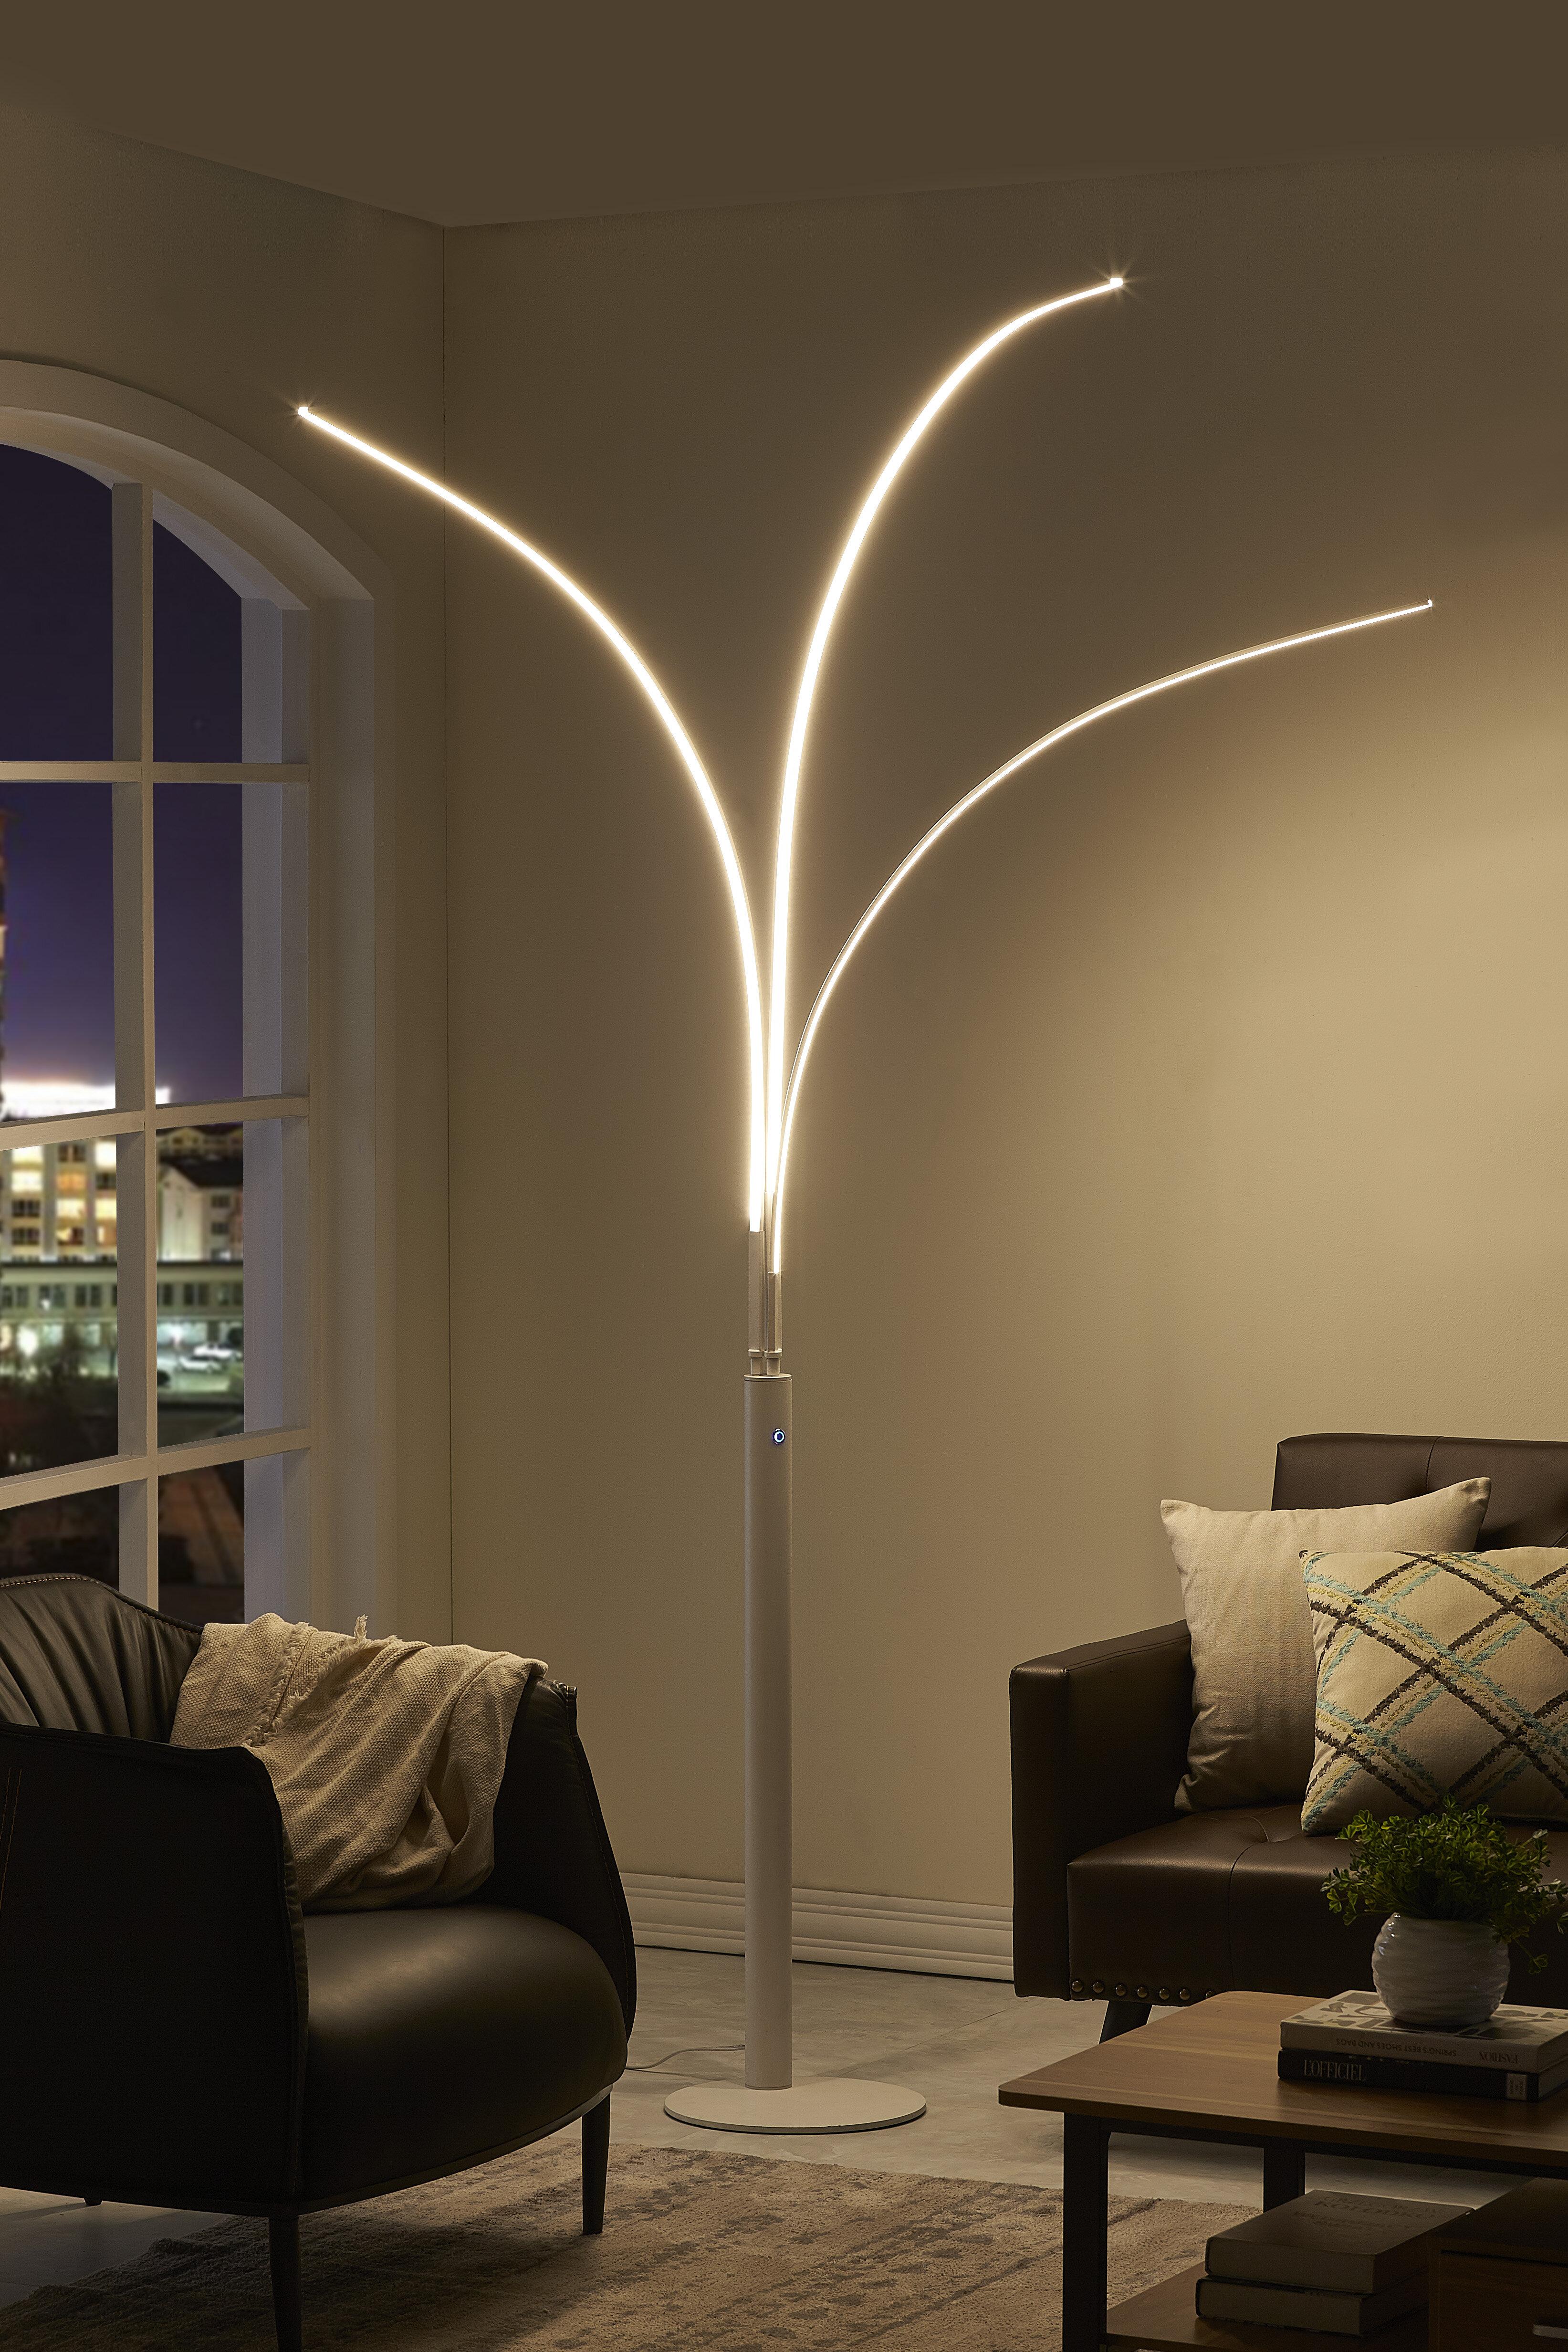 orren ellis brinkman 92 led tree floor lamp w piid=0